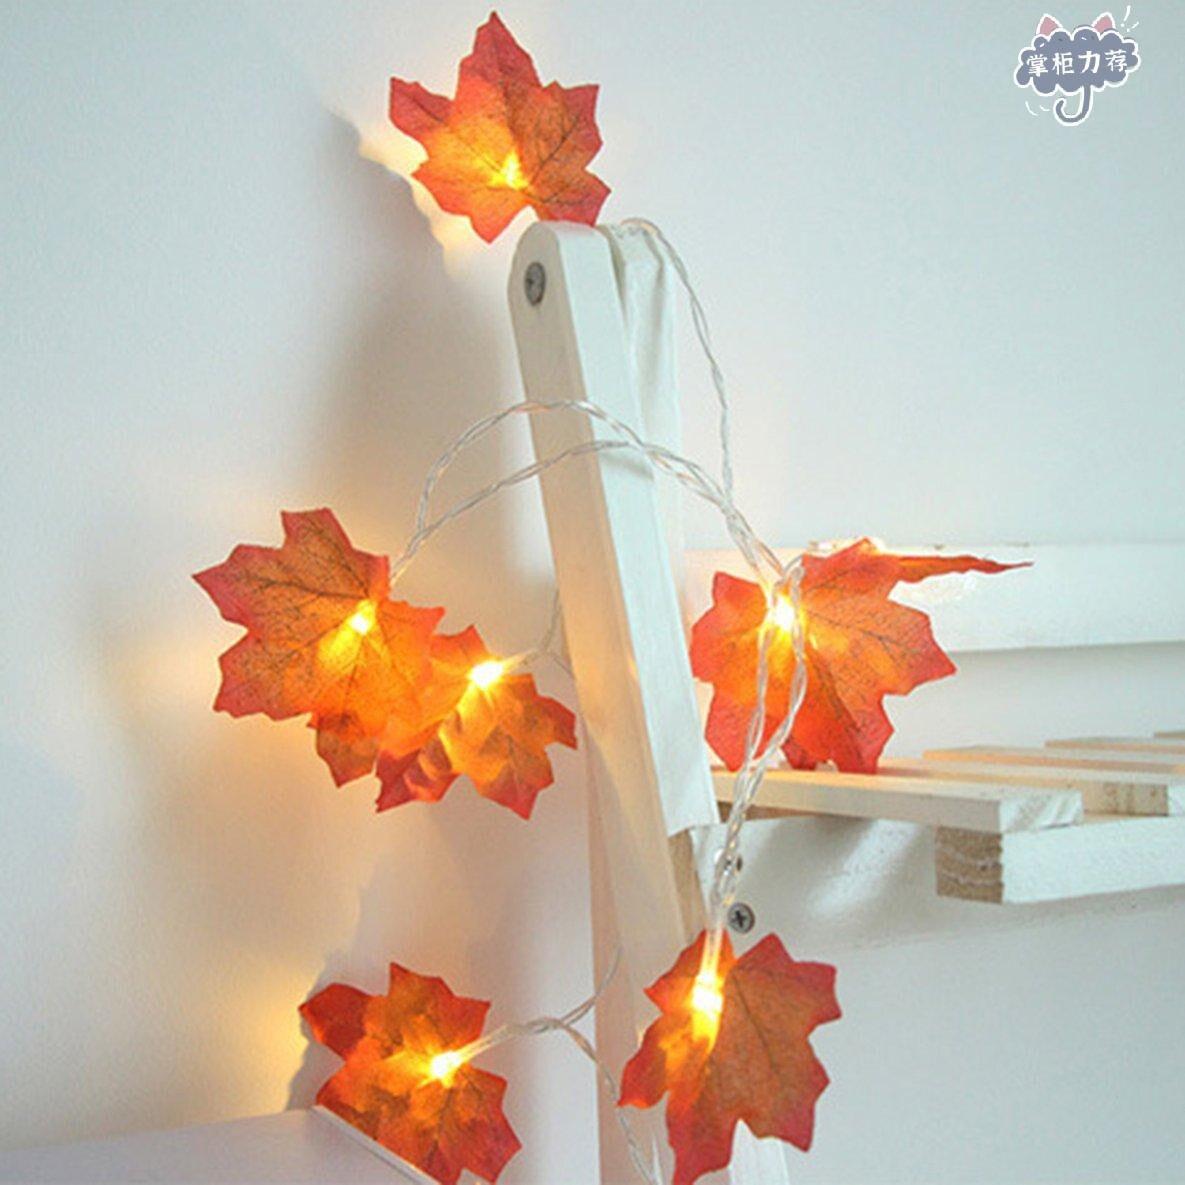 【全館免運】楓葉LED燈串 爆款聖誕節日掛件樹葉楓葉LED燈串庭院派對房間ins裝飾彩燈 創意時尚楓葉掛燈 臥室房間暖色小燈具